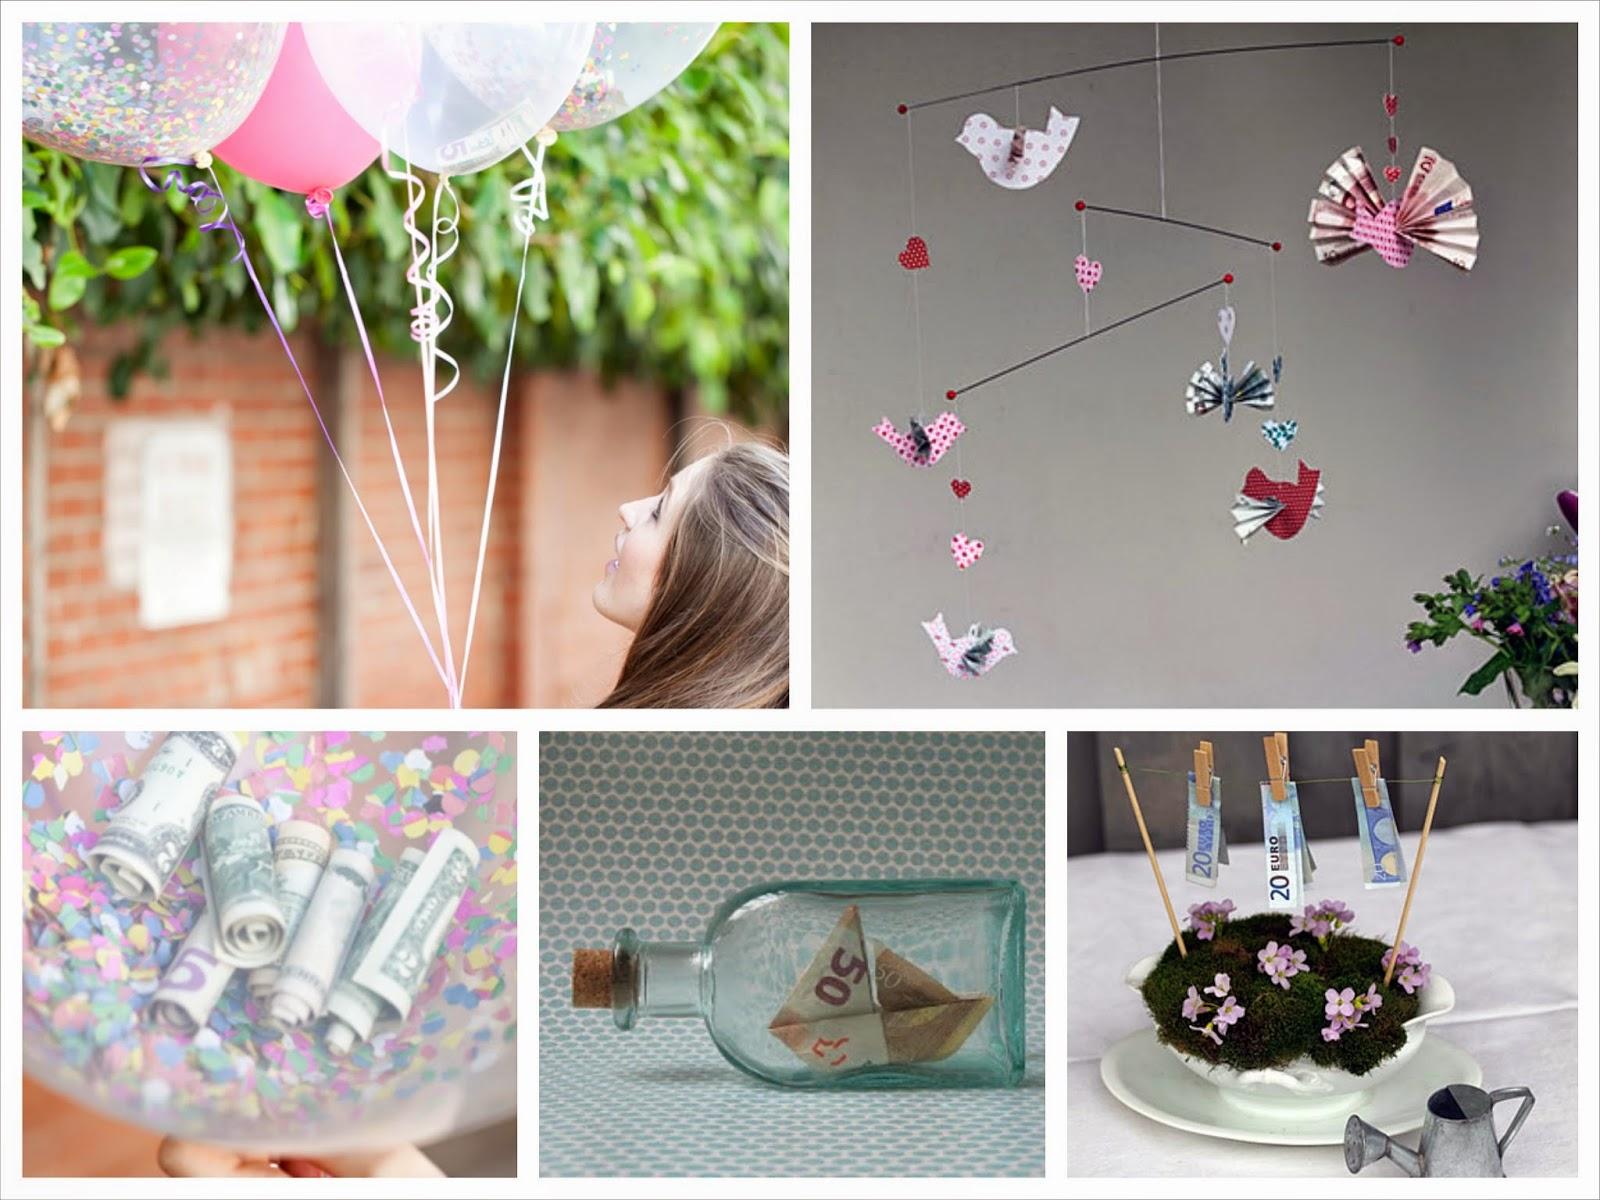 Blog de tu d a con amor invitaciones y detalles de boda - Regalos originales decoracion ...